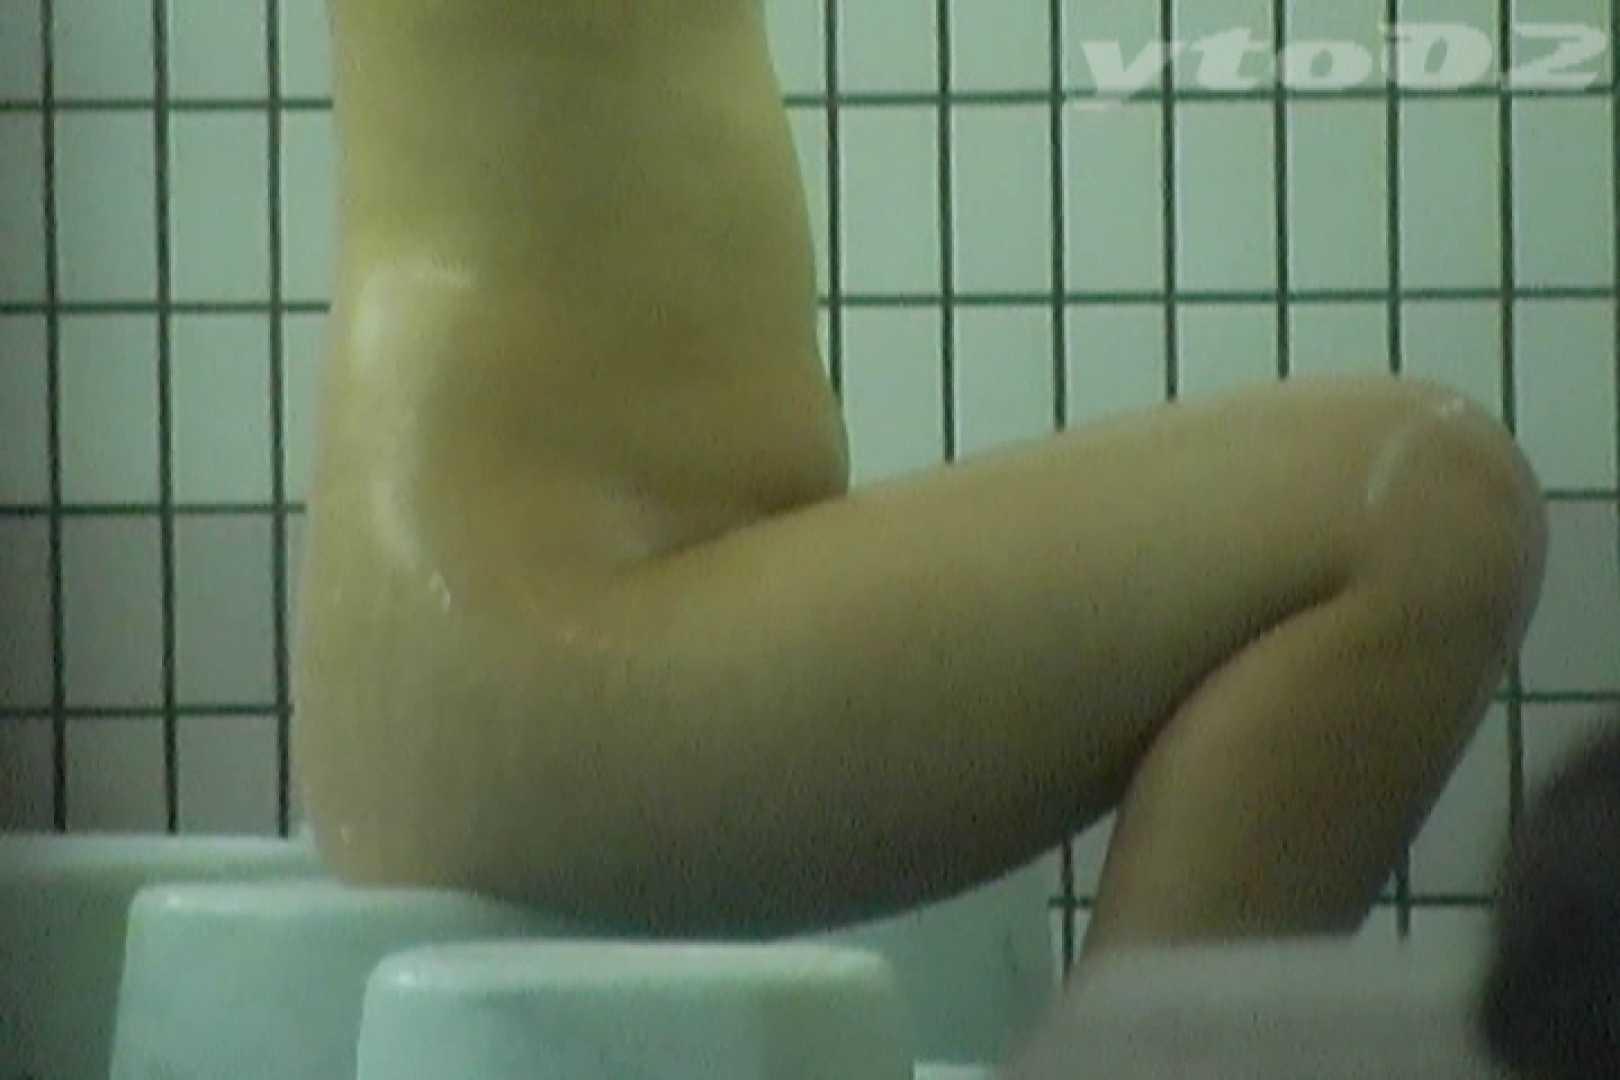 ▲復活限定▲合宿ホテル女風呂盗撮 Vol.14 女湯 AV無料動画キャプチャ 95画像 69